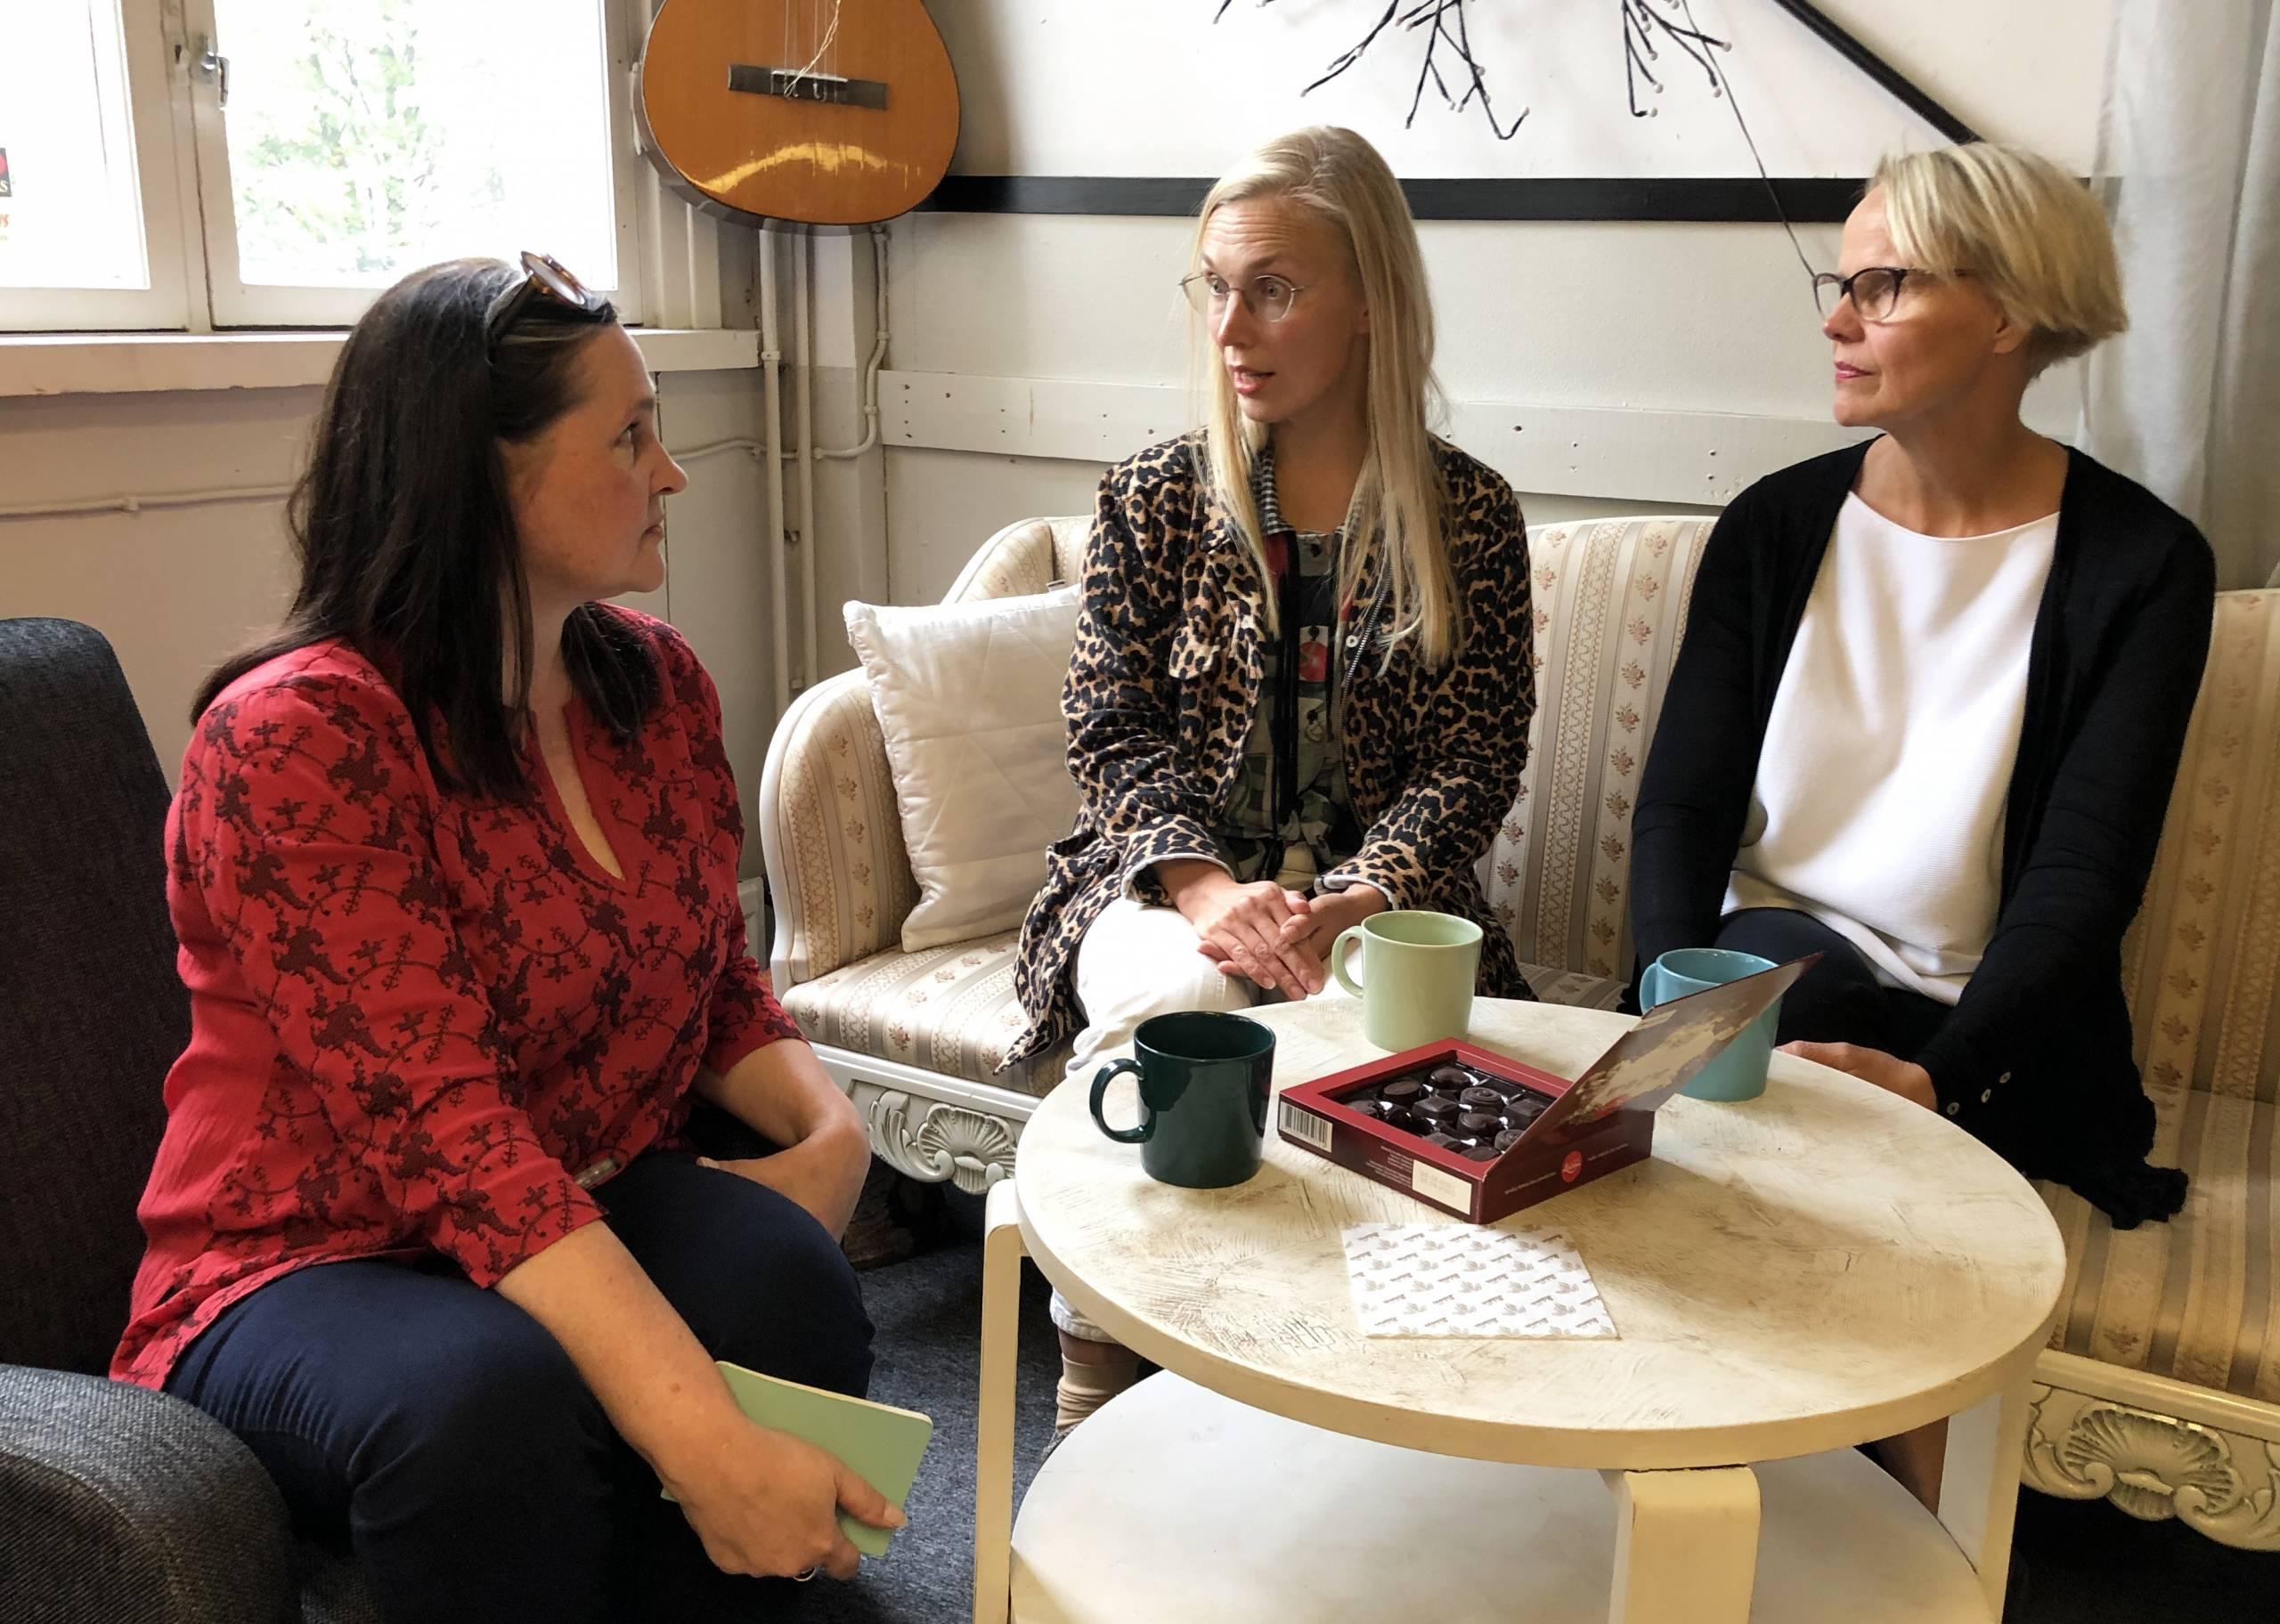 AVEKin johtaja Ulla Simonen, AVEK-palkinnonsaaja, taiteilija Jenna Sutela sekä Frame Contemporary Art Finlandin toimitusjohtaja Raija Koli AVEK-palkintoon liittyvän podcast-jakson äänityksessä.